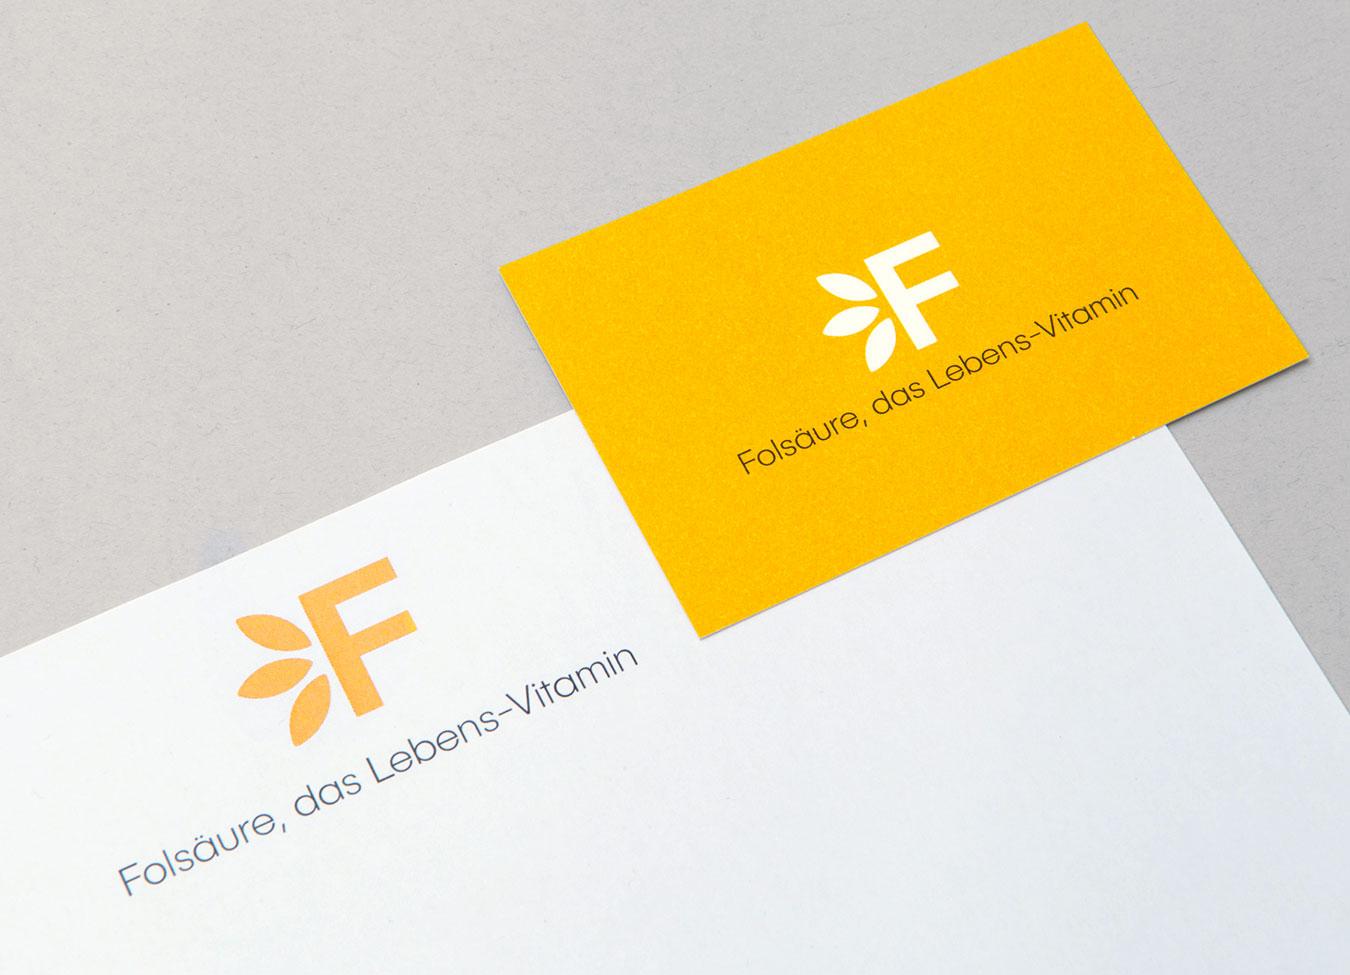 Stiftung Folsäure Briefschaft Corporate Design